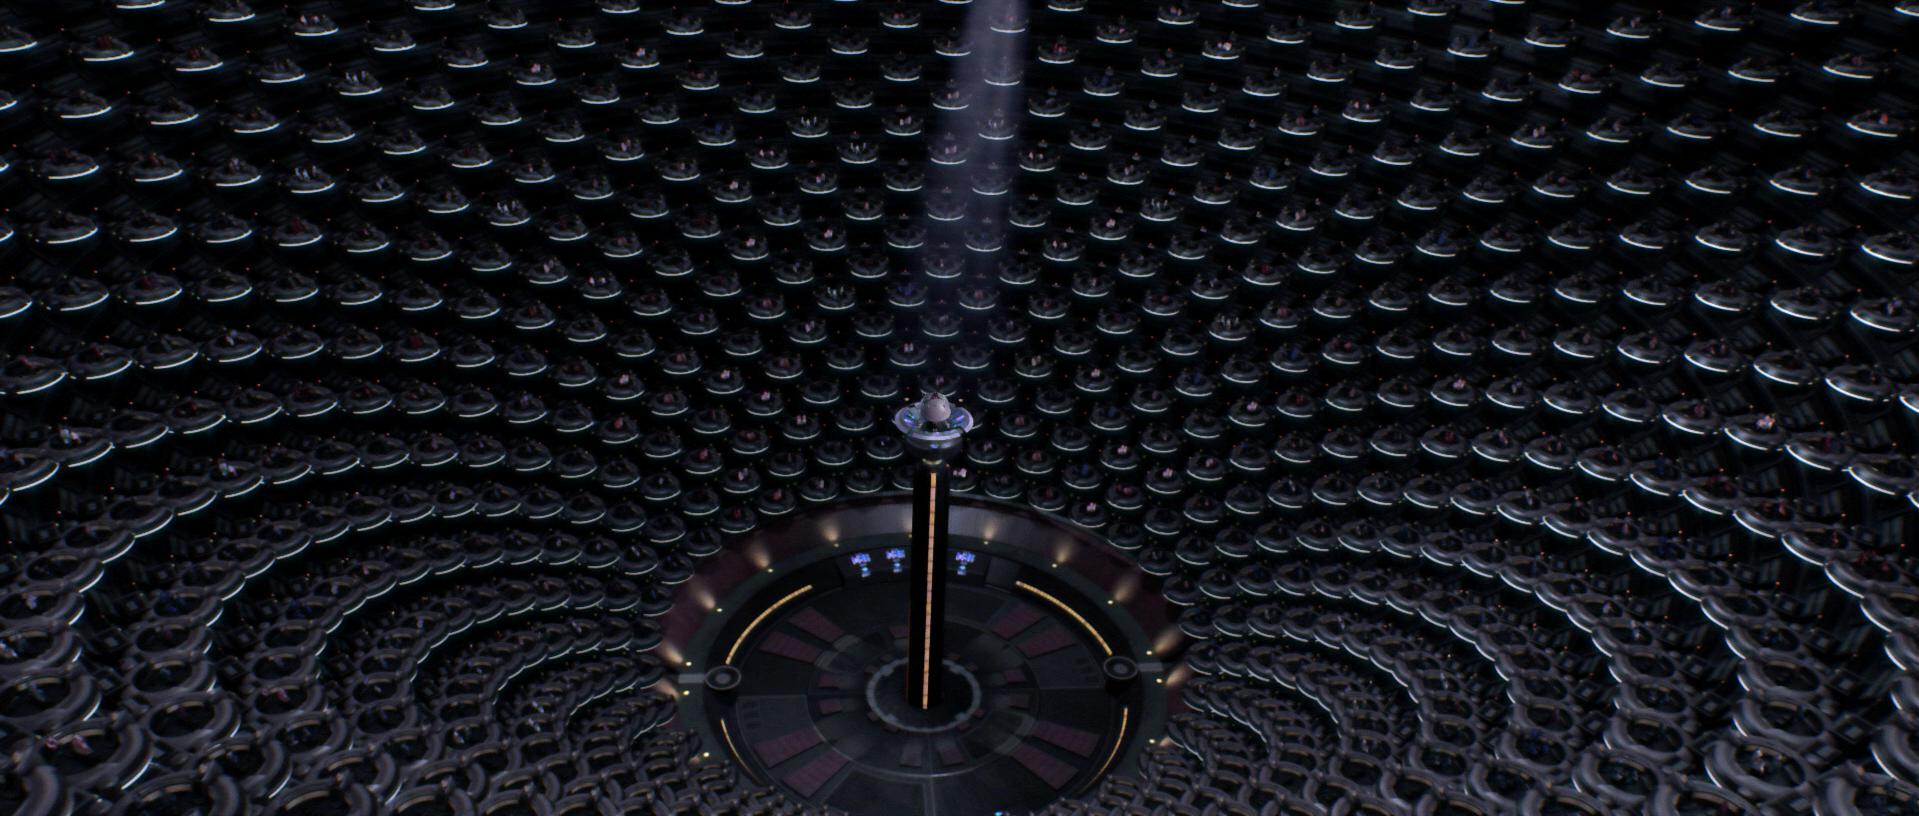 Galactic Republic - Wookieepedia, the Star Wars Wiki